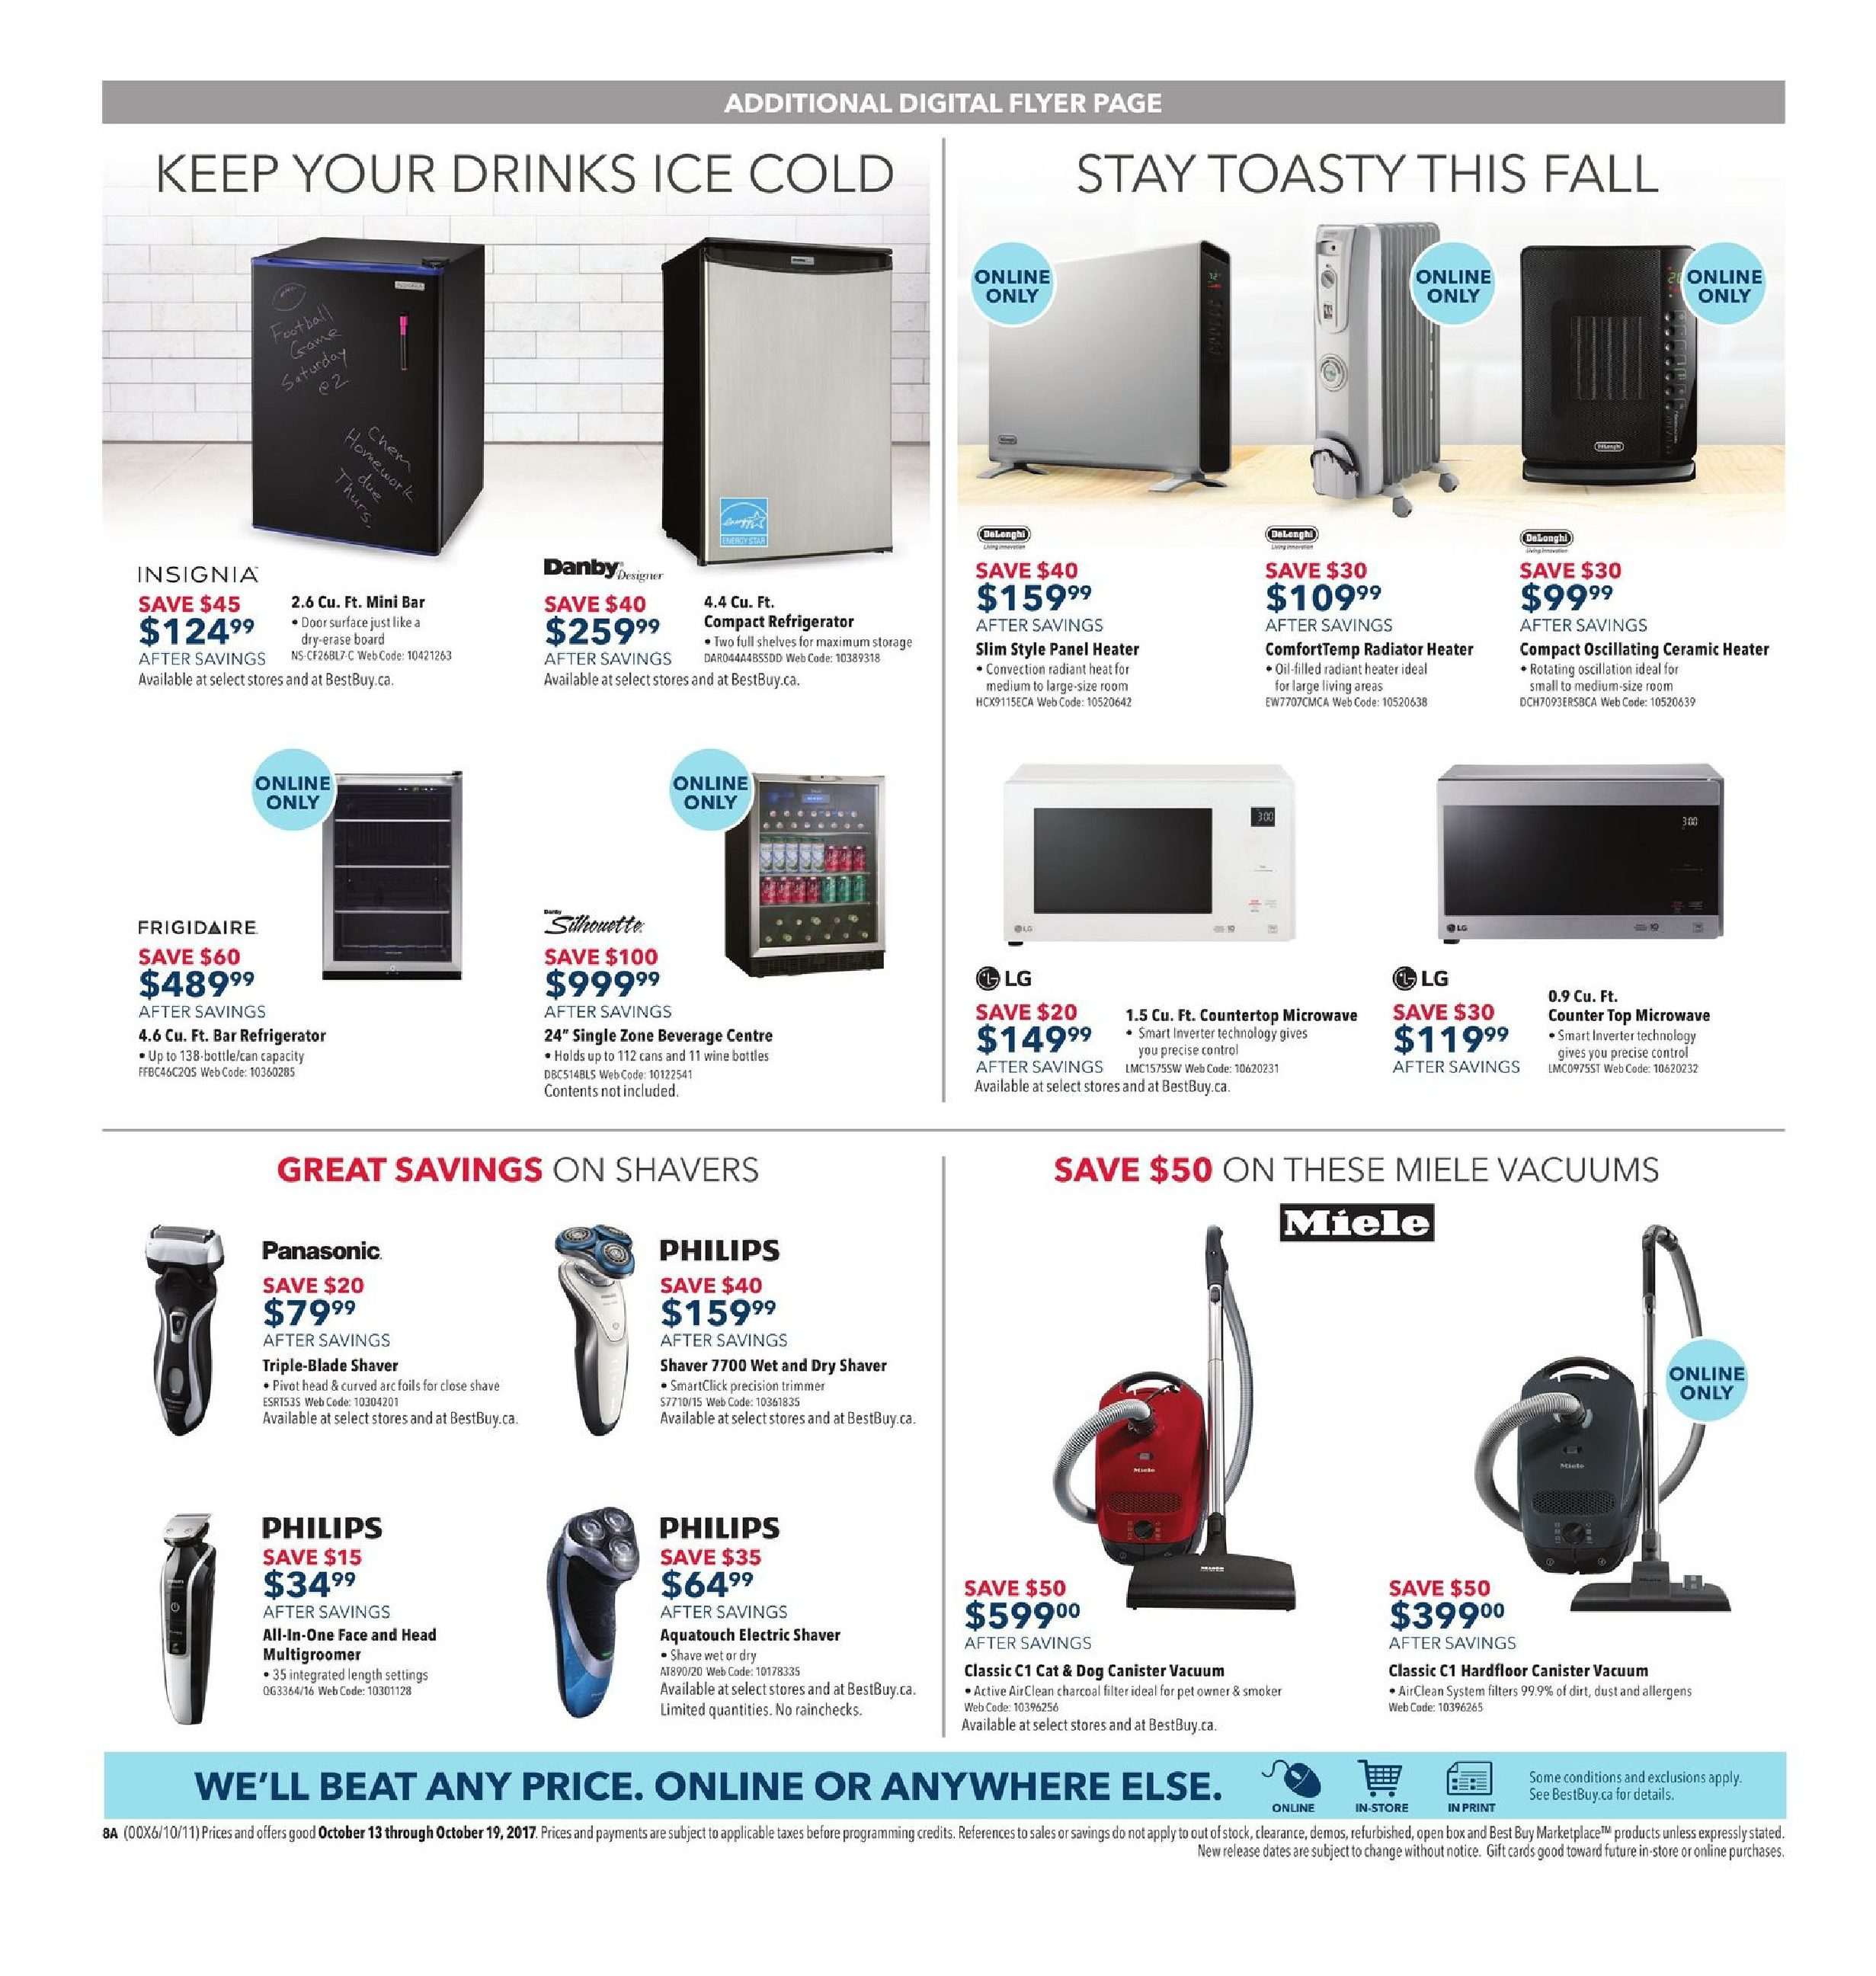 Best buy weekly flyer weekly ultimate appliance sale oct 13 best buy weekly flyer weekly ultimate appliance sale oct 13 19 redflagdeals fandeluxe Images